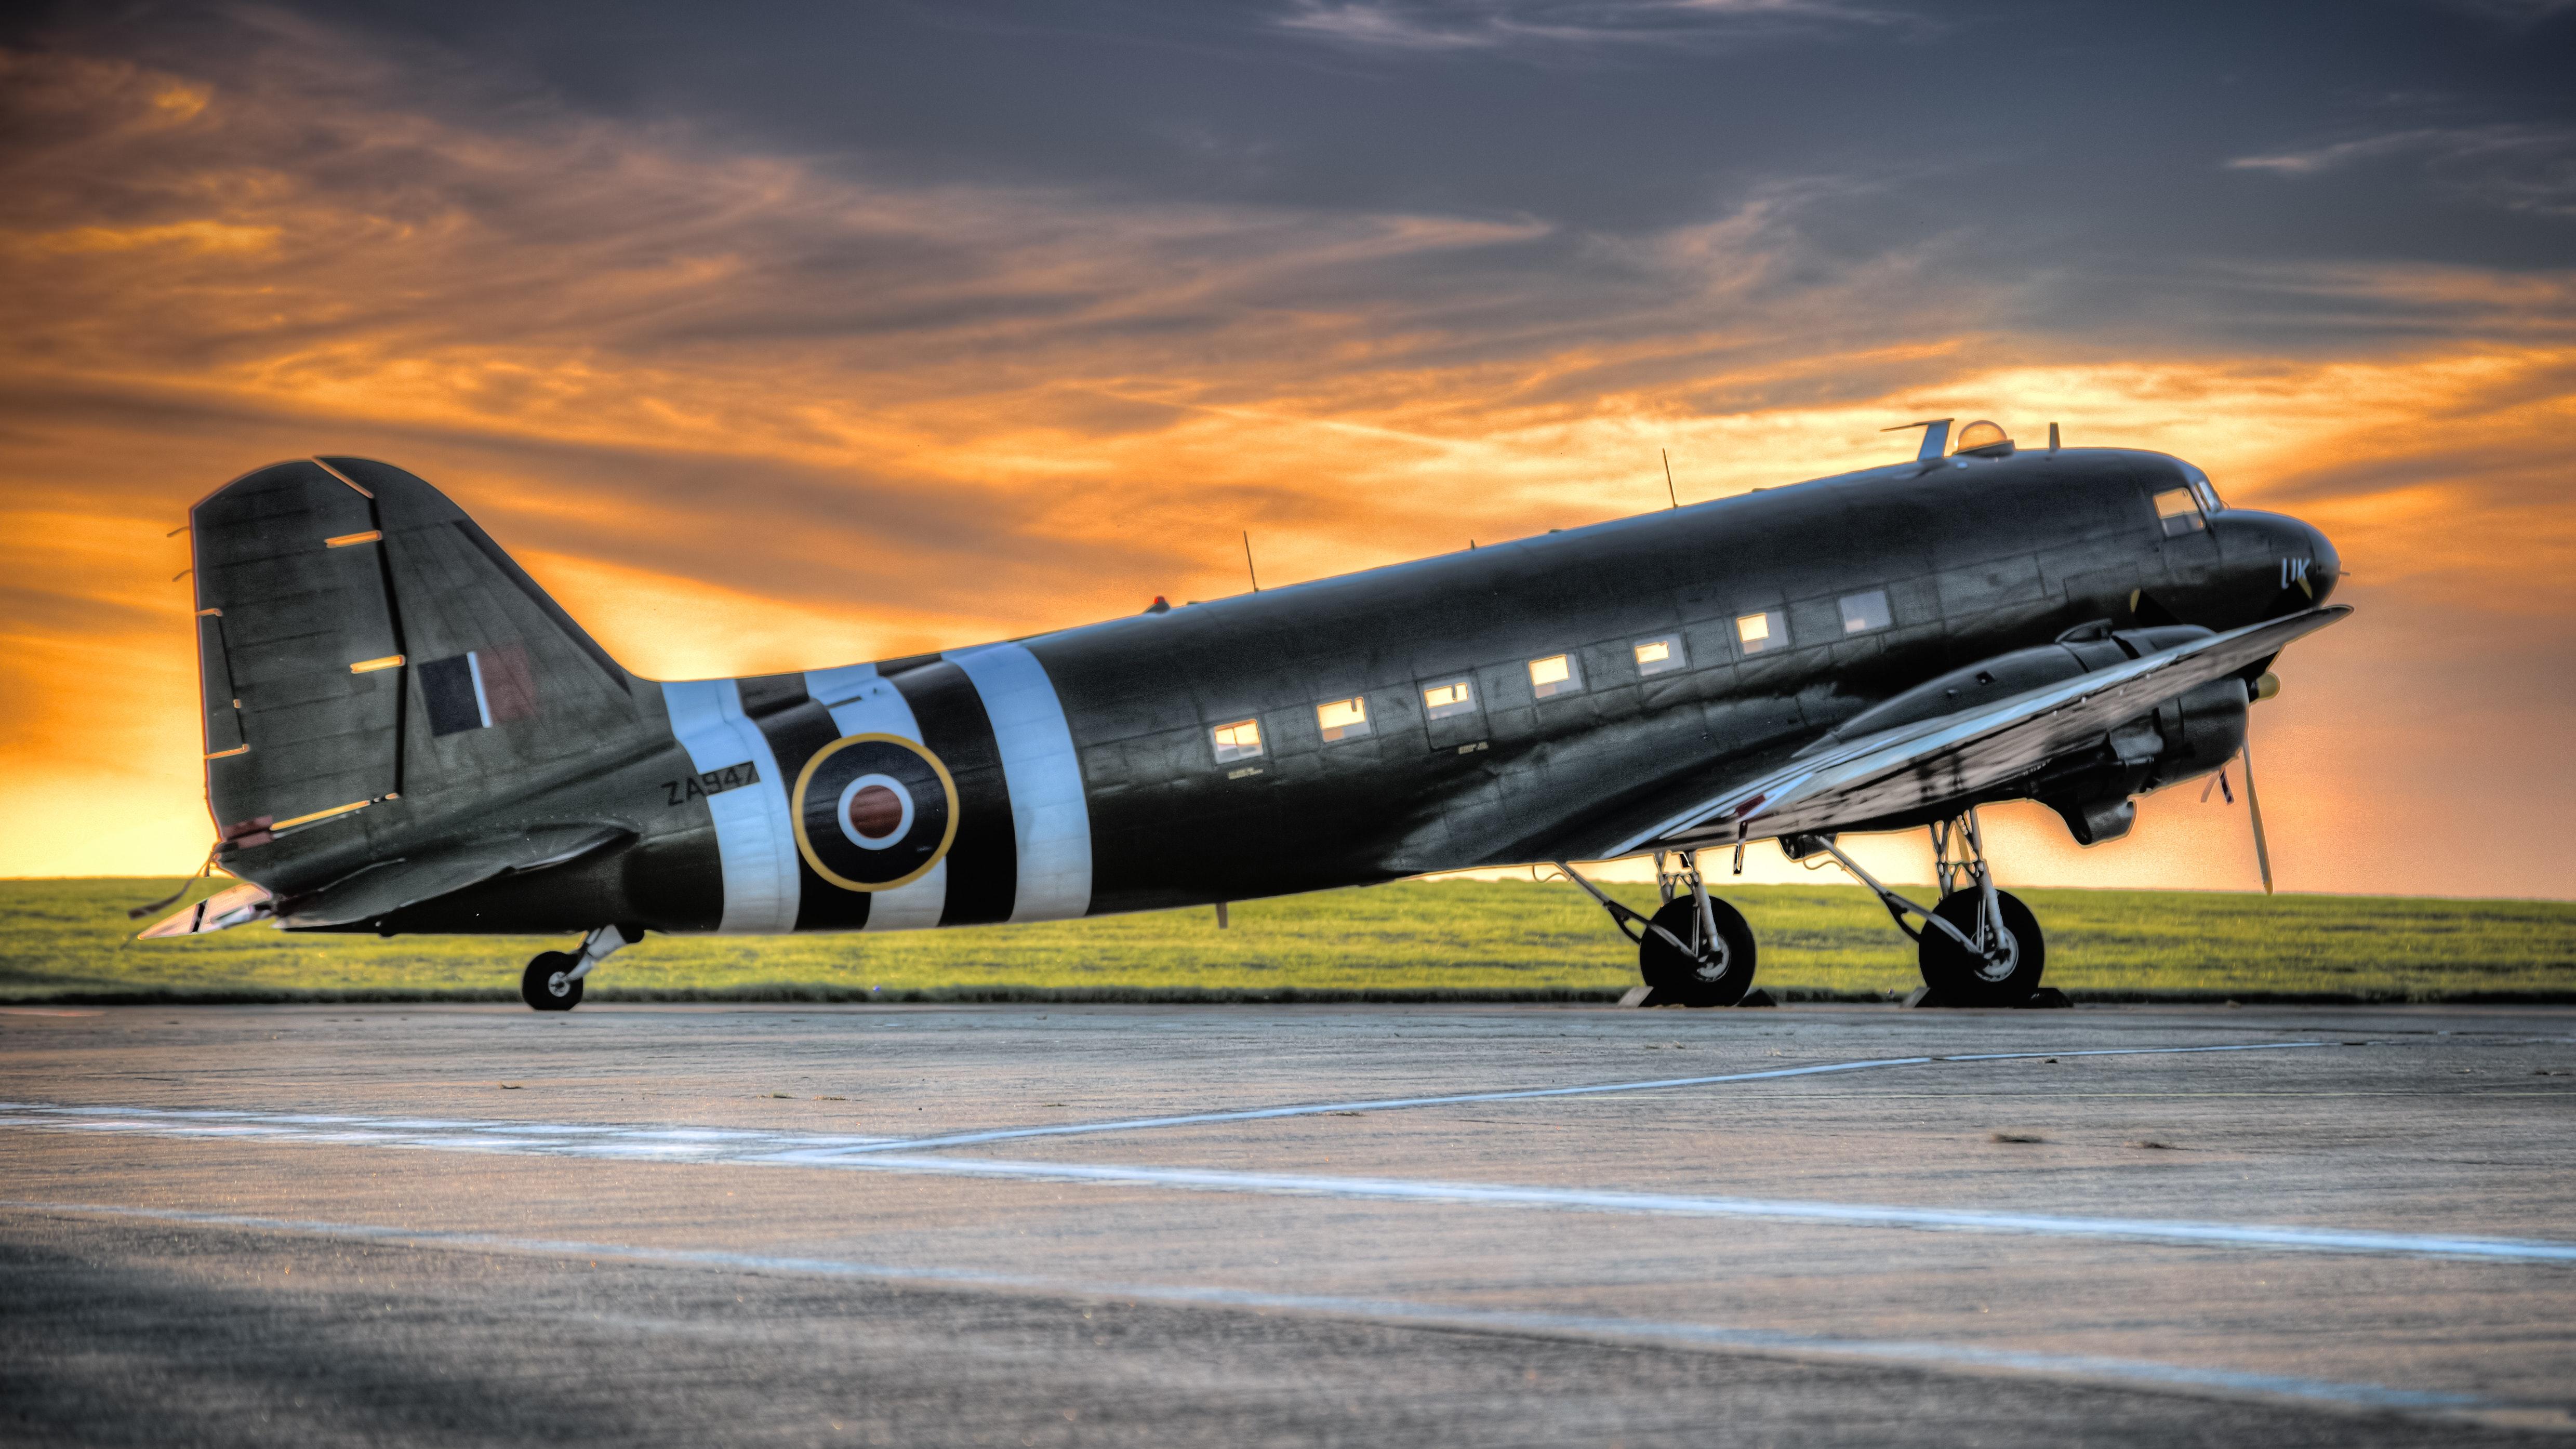 Le 10 migliori Compagnie Aeree mondiali secondo i passeggeri.